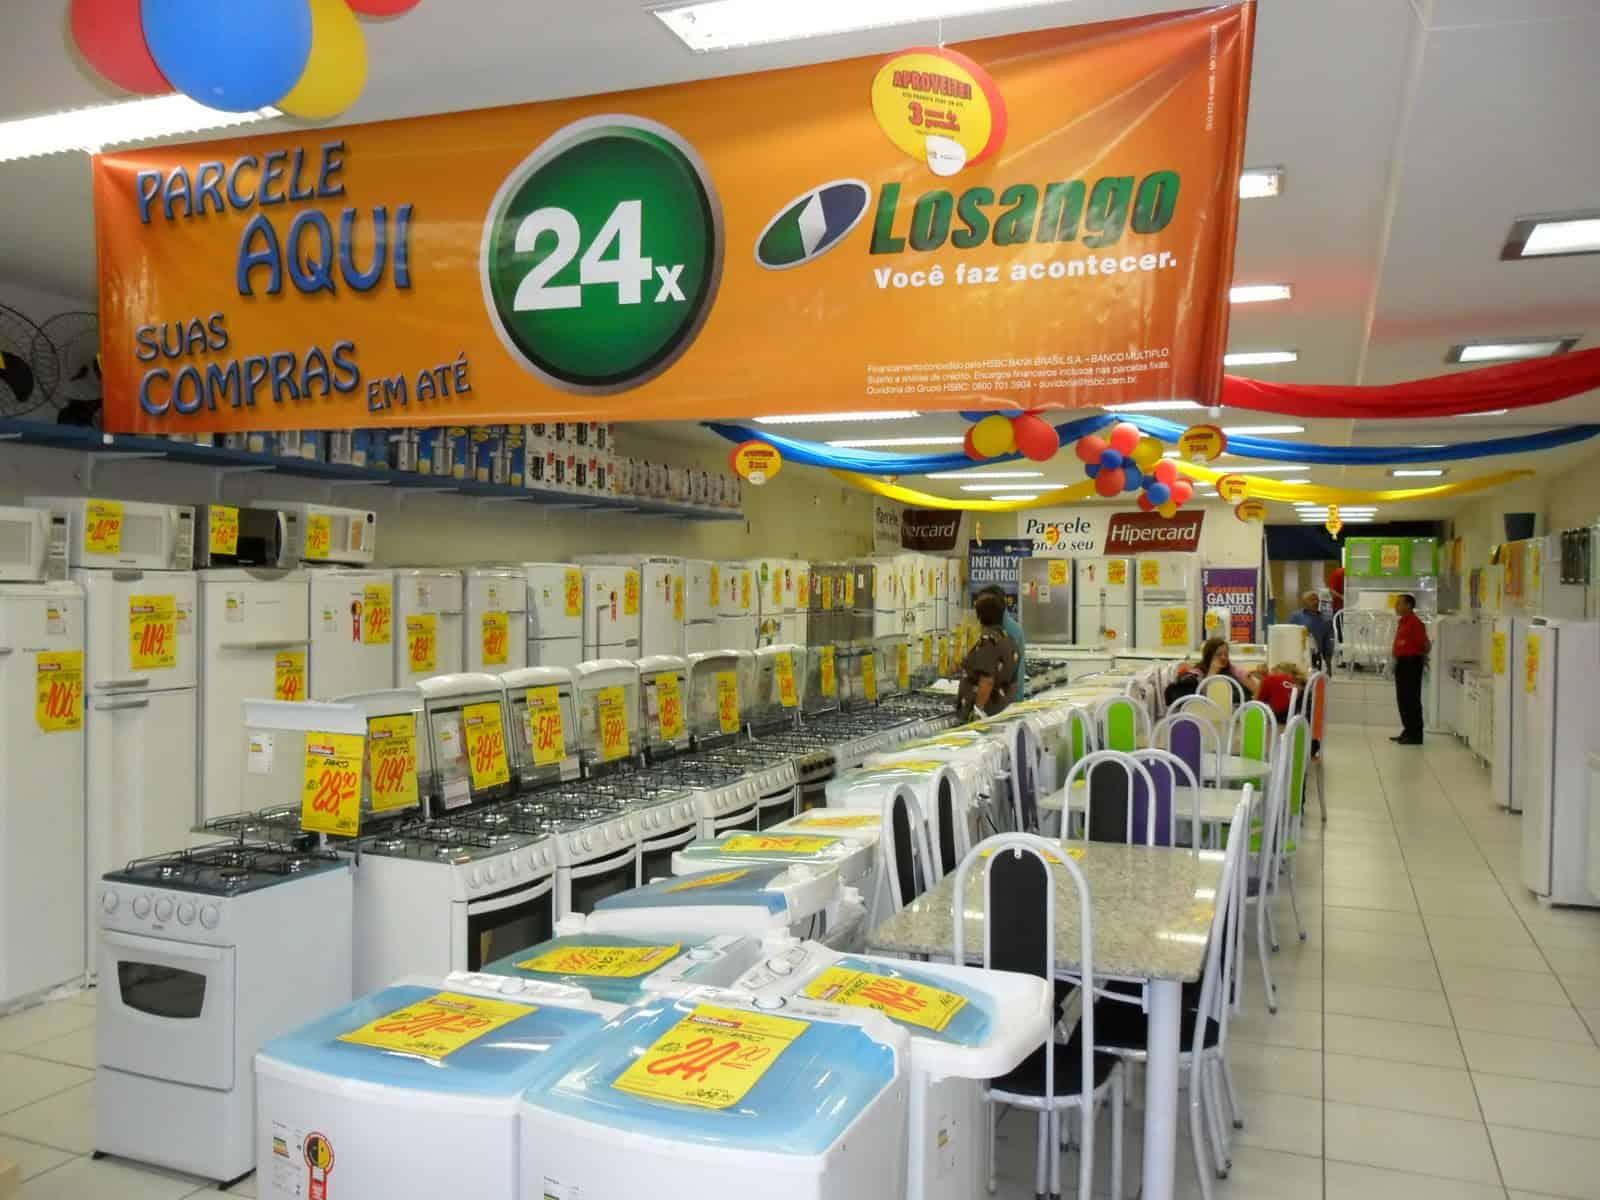 Losango entra no mercado com solução inovadora para pagamento online